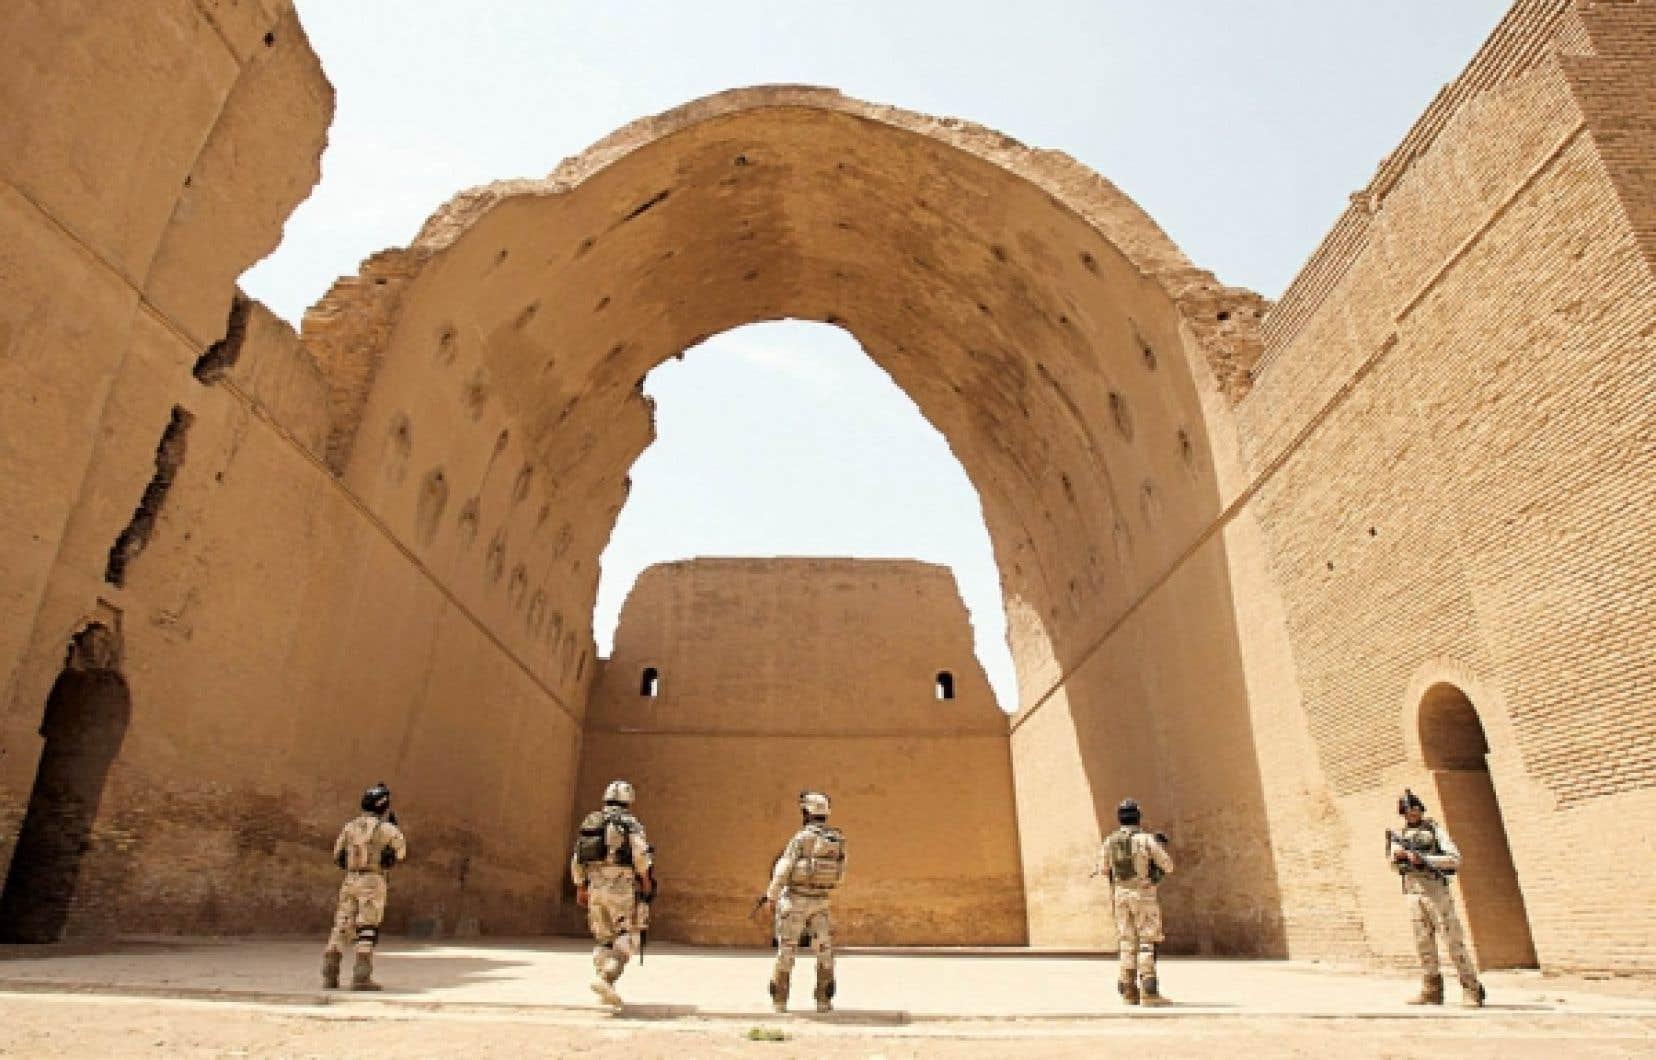 L'armée irakienne a également mené des opérations au sud de la capitale, notamment sur le site de l'Arche de Ctésiphon.